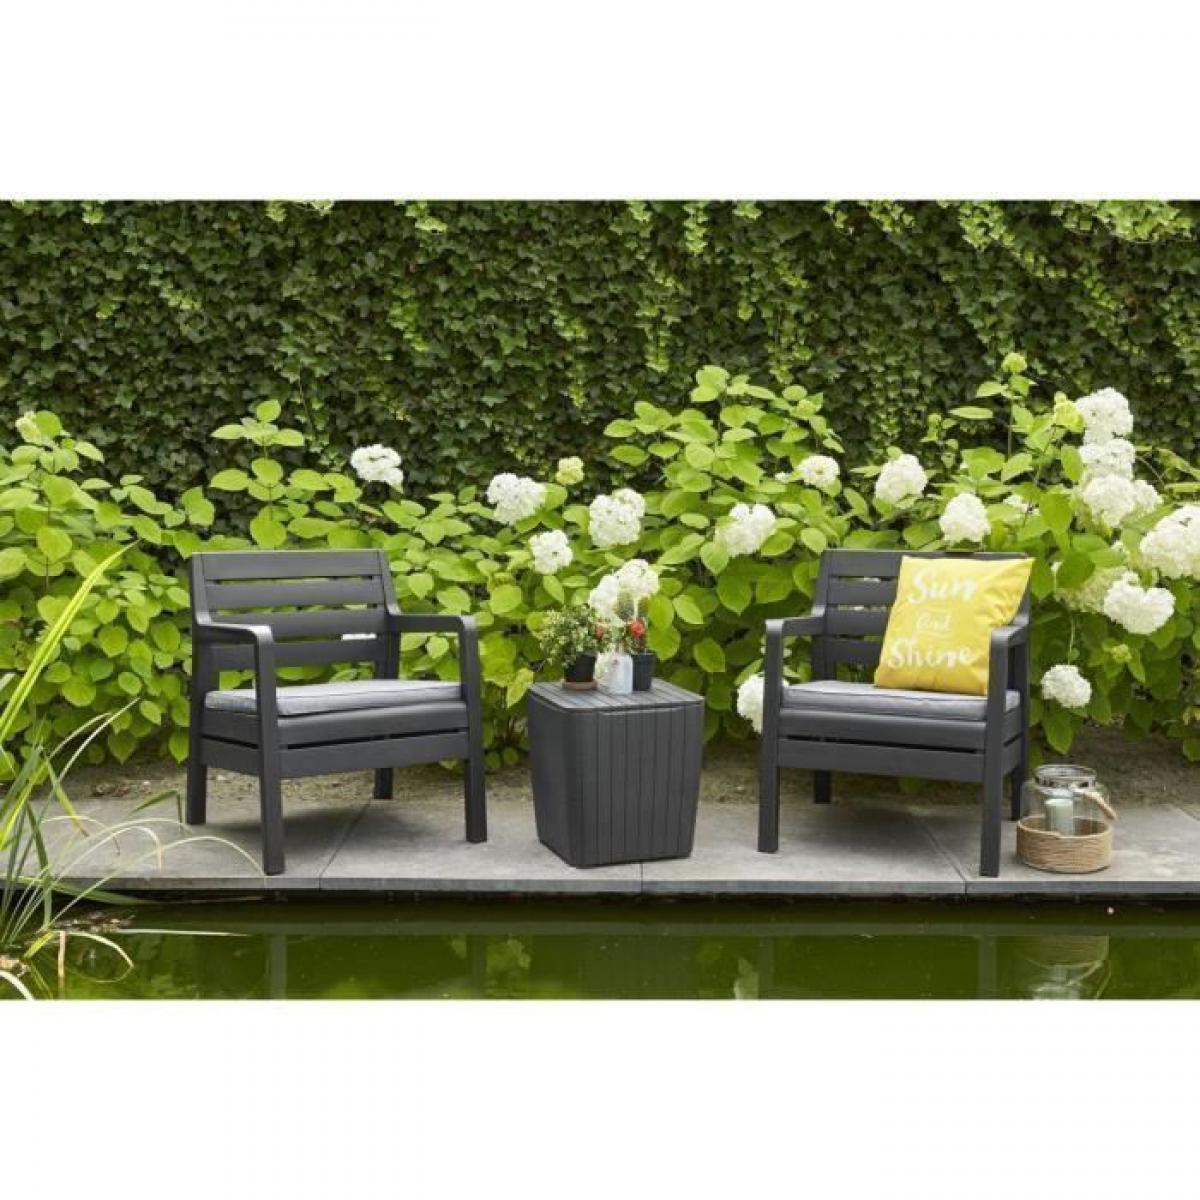 Allibert-Jardin DELANO Ensemble de balcon 2 places avec coussins assises - 2 fauteuils et une table basse - Imitation bois - Graphite